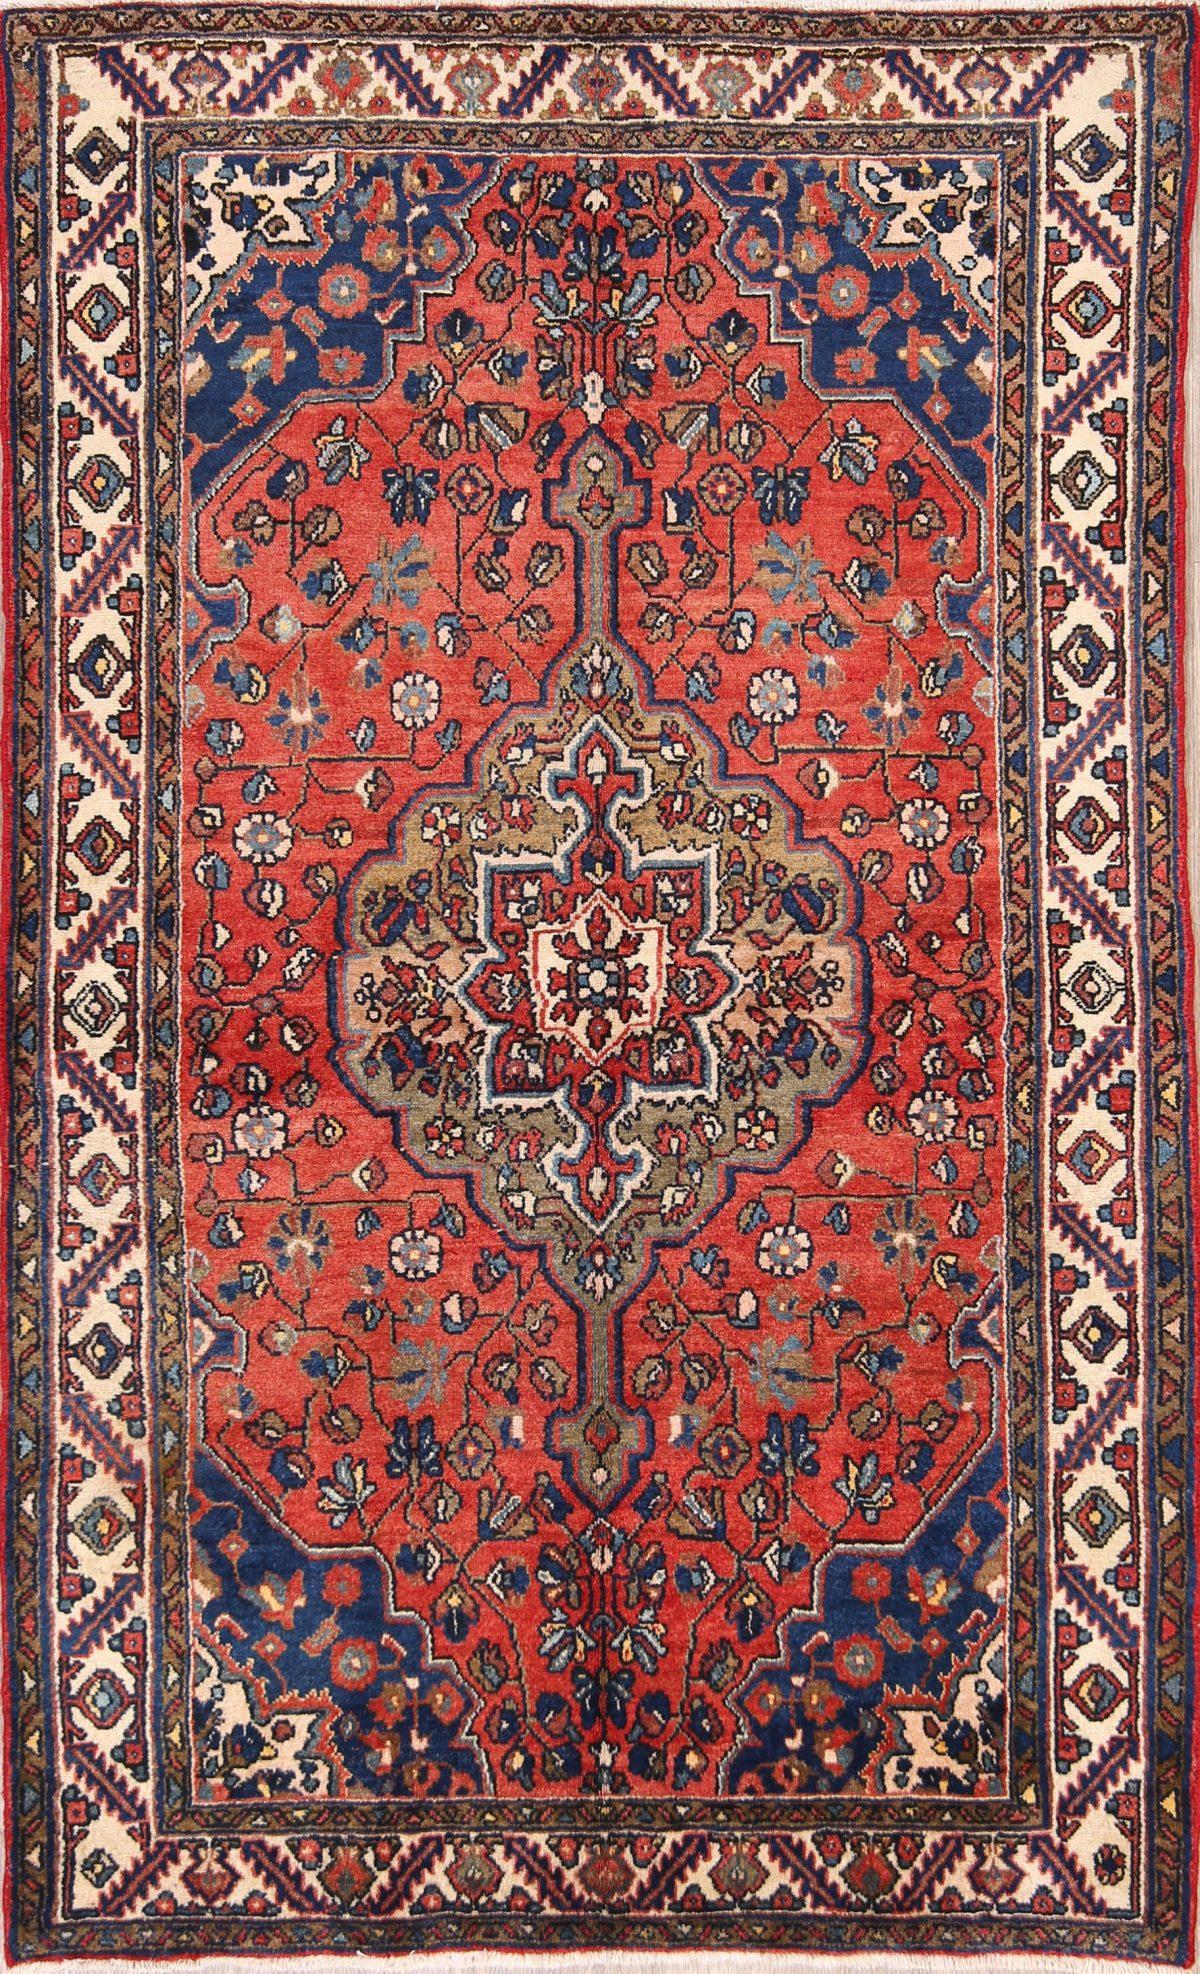 Geometric 4x7 Hamedan Malayer Persian Area Rug